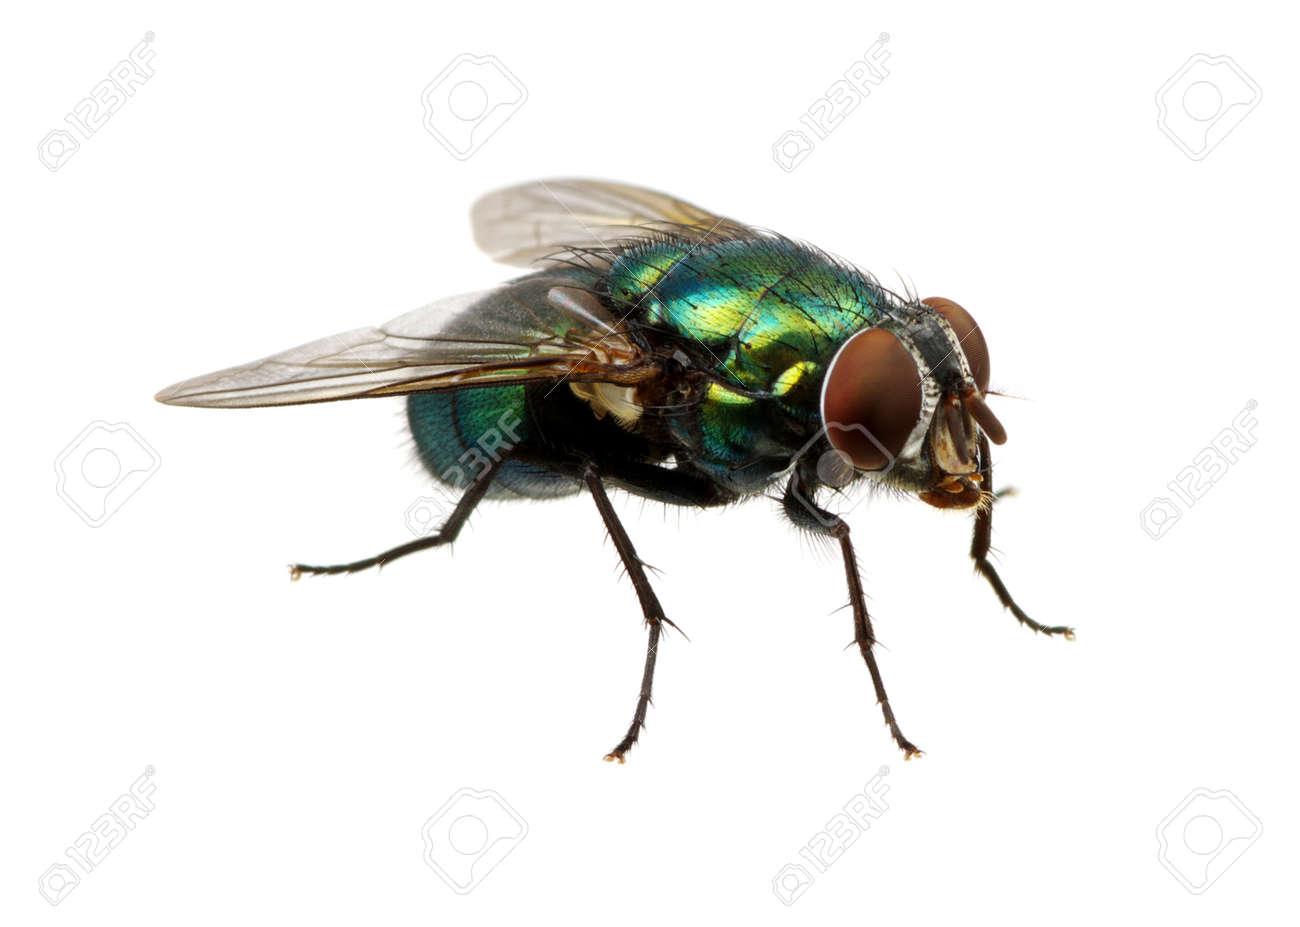 mouche verte isolé sur blanc Banque d'images - 49025342